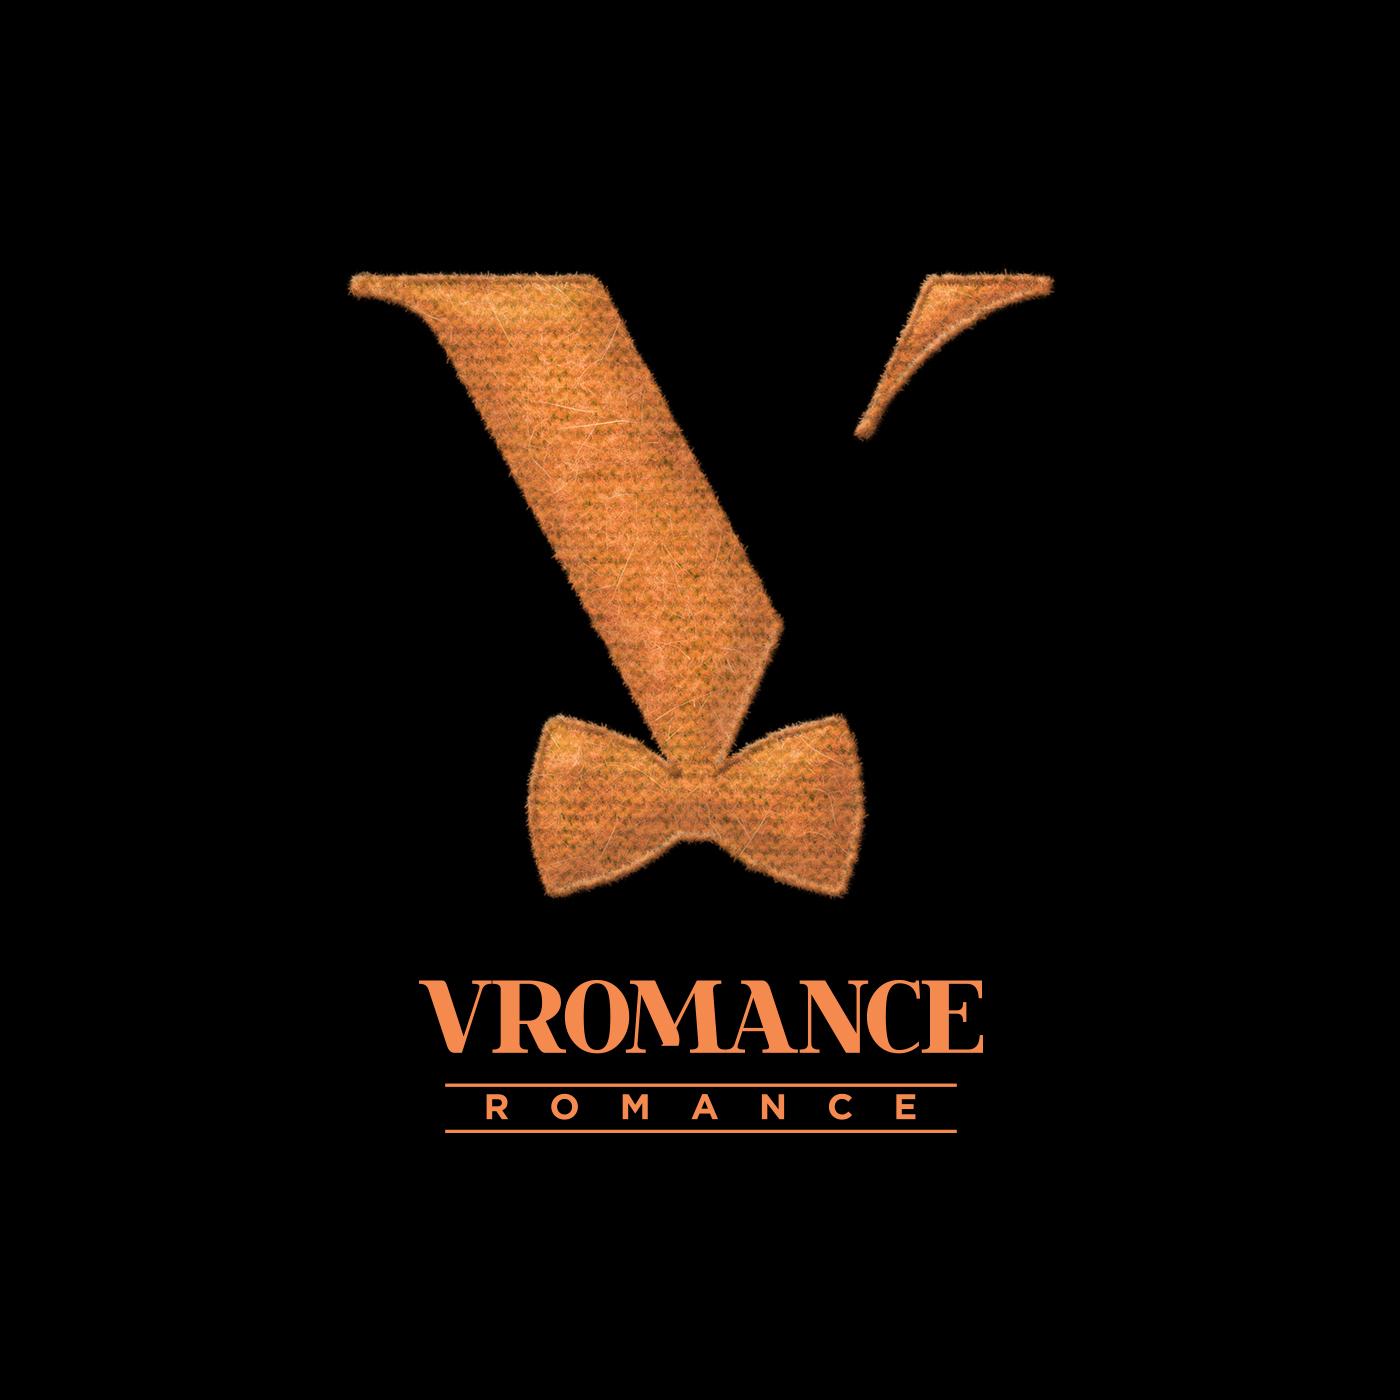 Romance (VROMANCE)